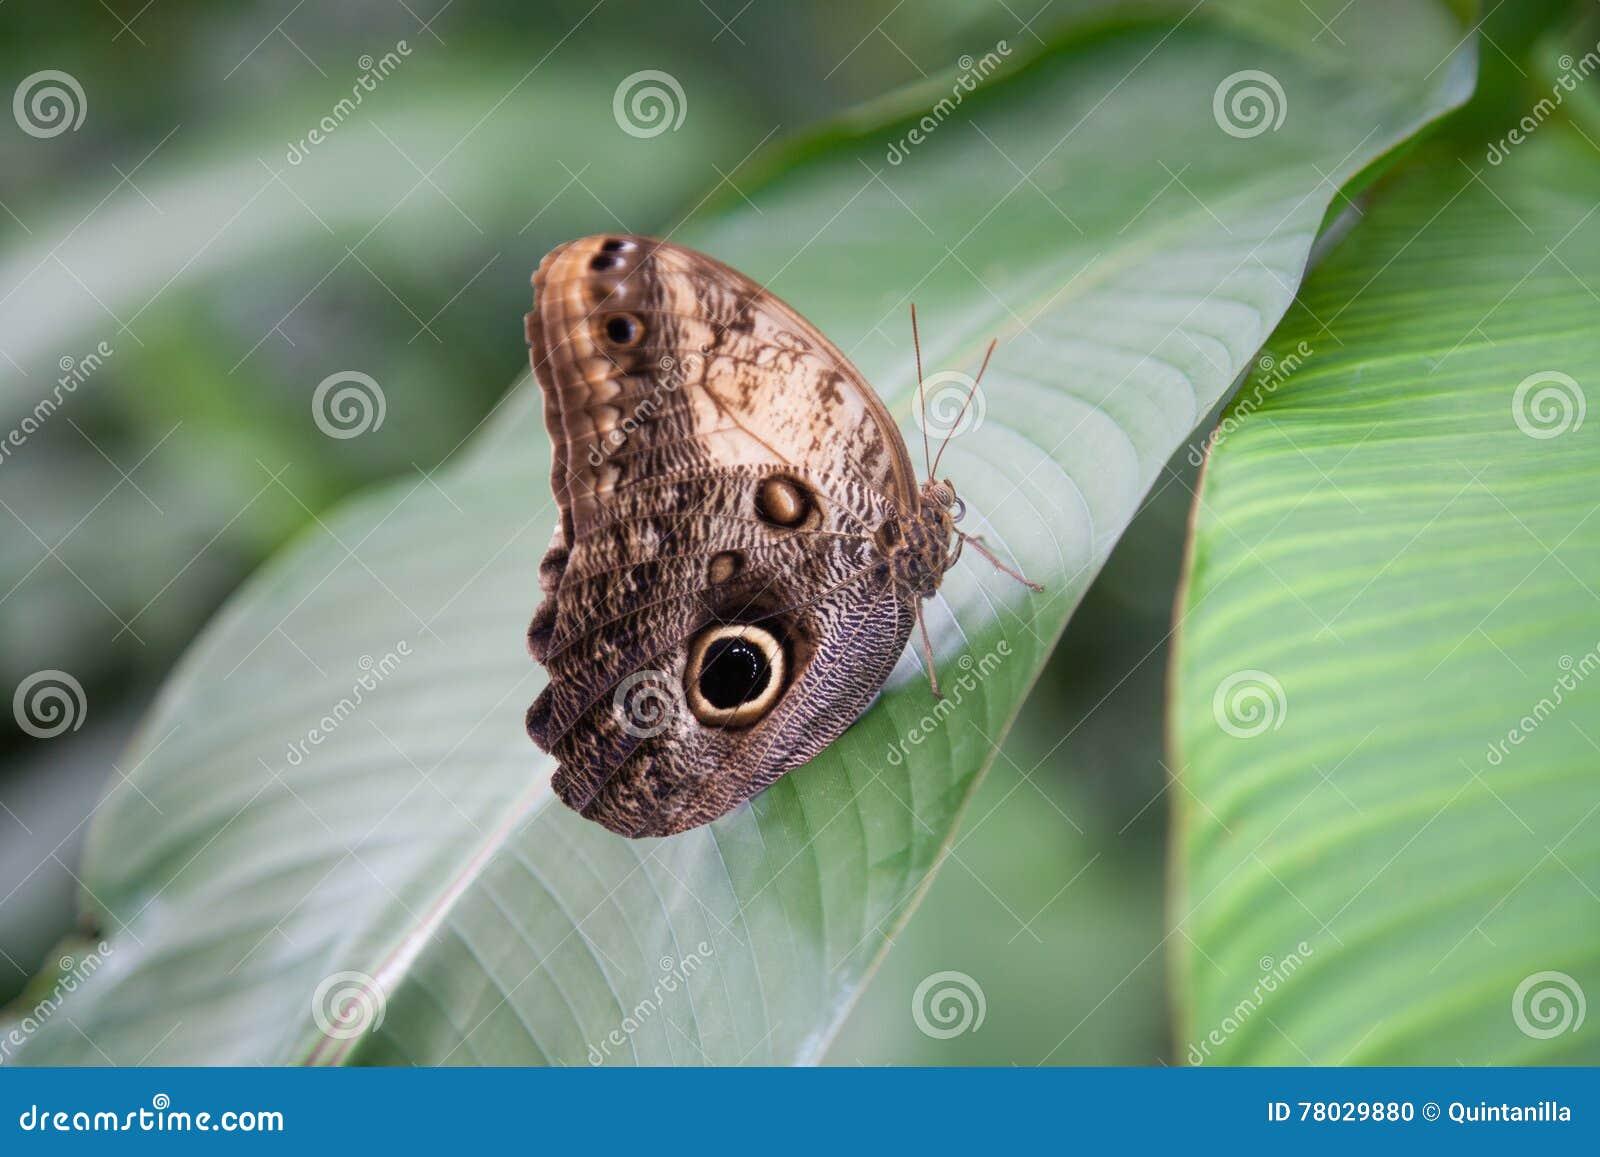 Bella farfalla dei peleides di Morpho sulla foglia verde